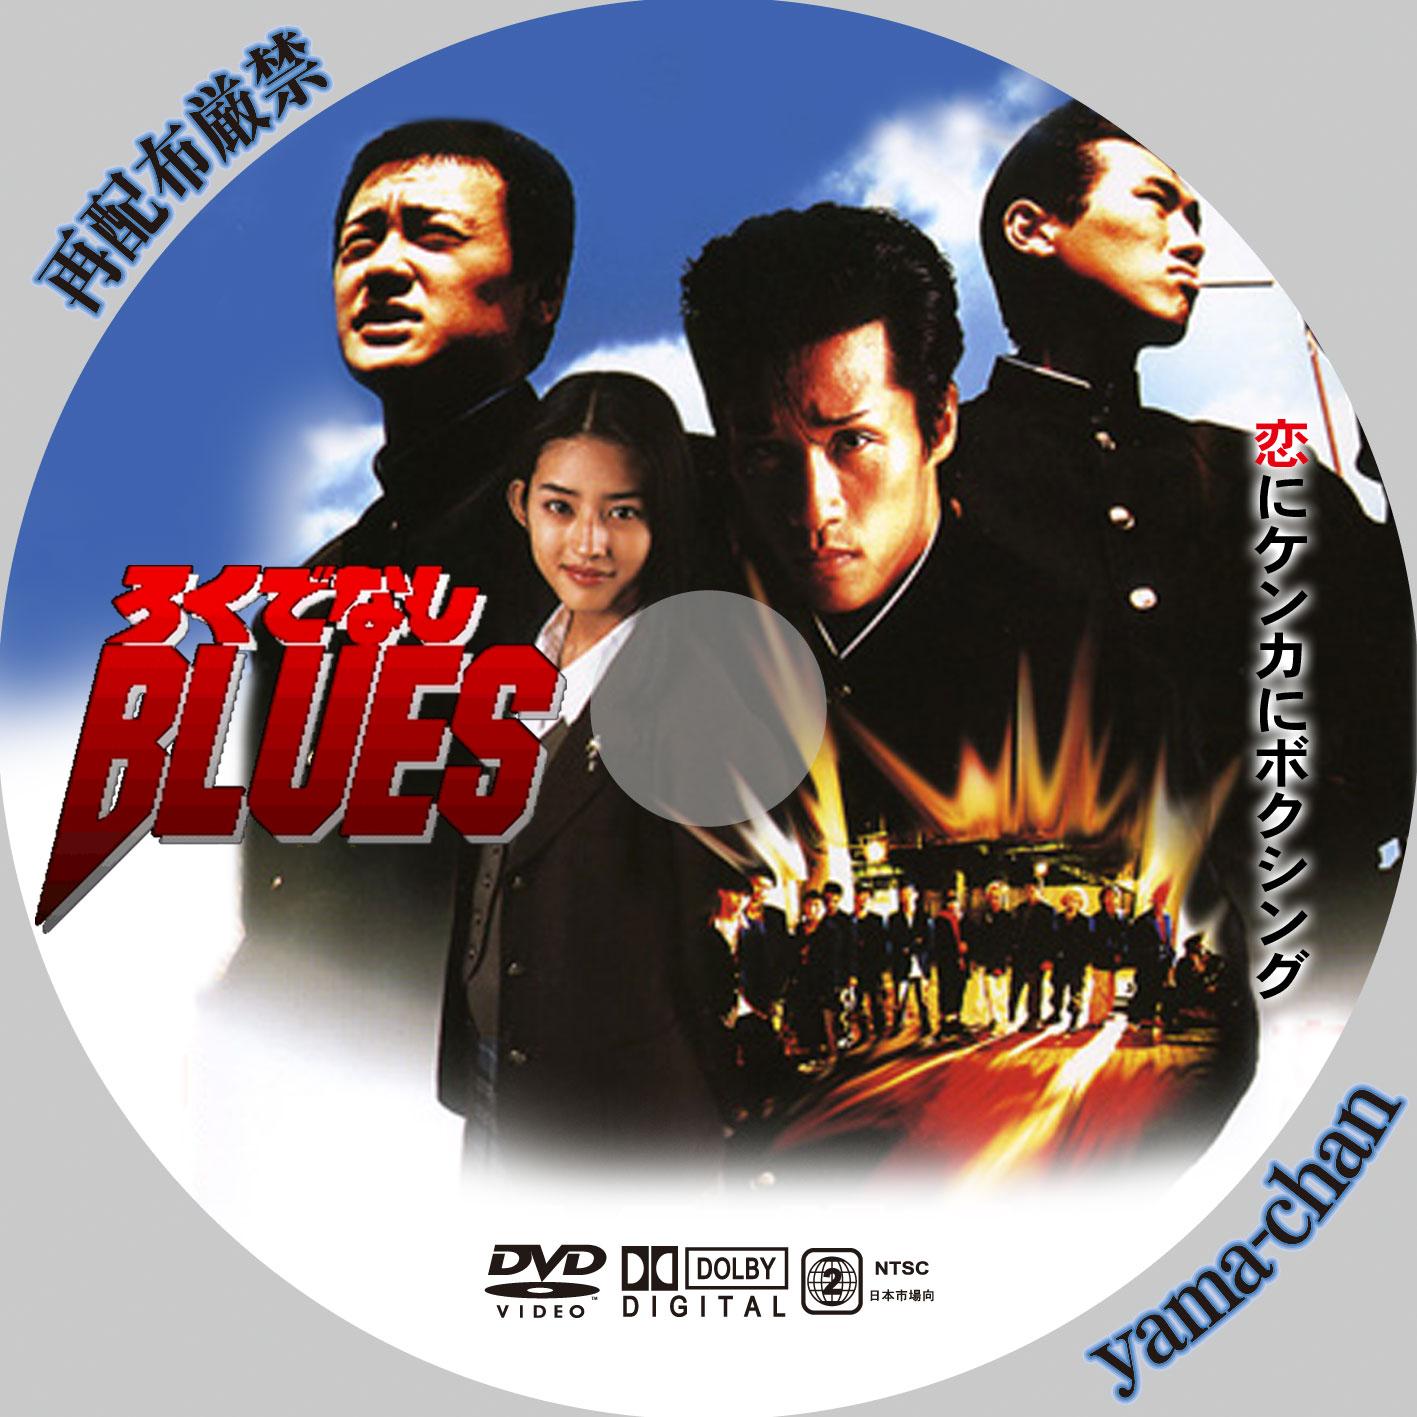 ろくでなしブルース DVD-BOX バップ 価格比較: 草野練馬区議会のブログ